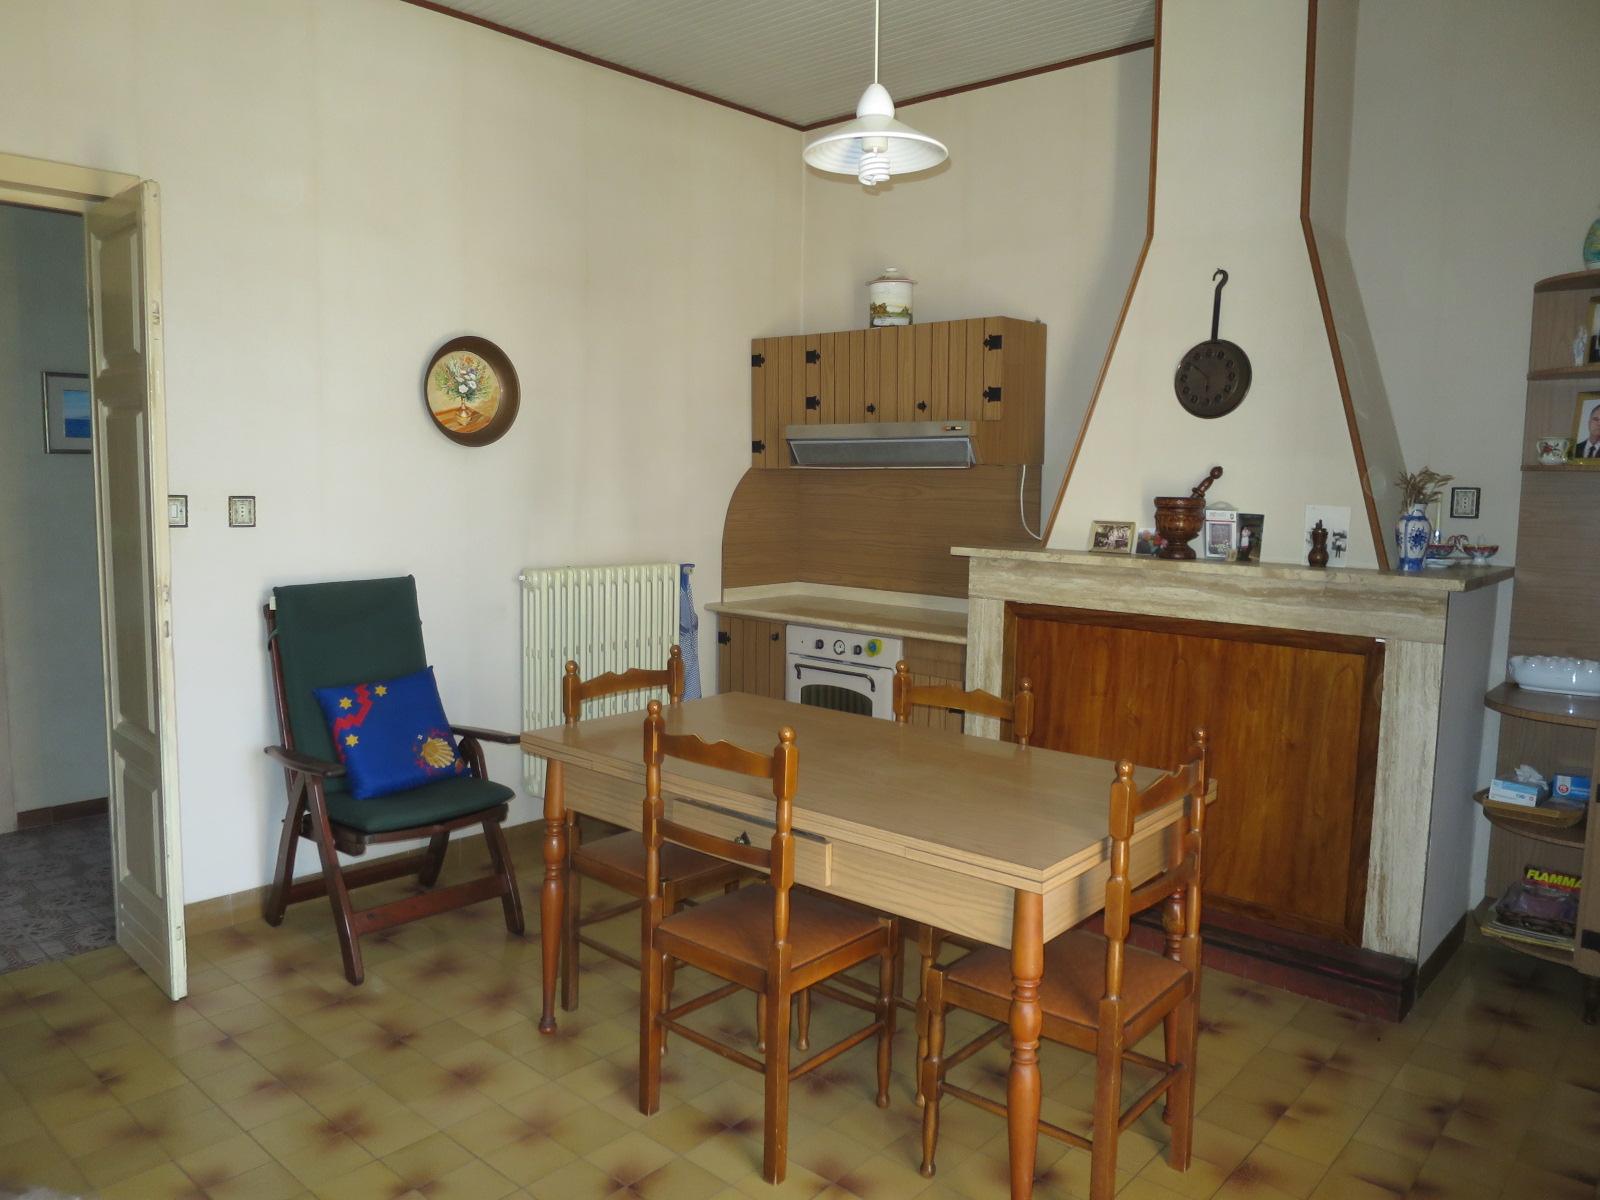 Villa Villa for sale Roseto degli Abruzzi (TE), Villa del Marinaio - Roseto degli Abruzzi - EUR 385.559 570